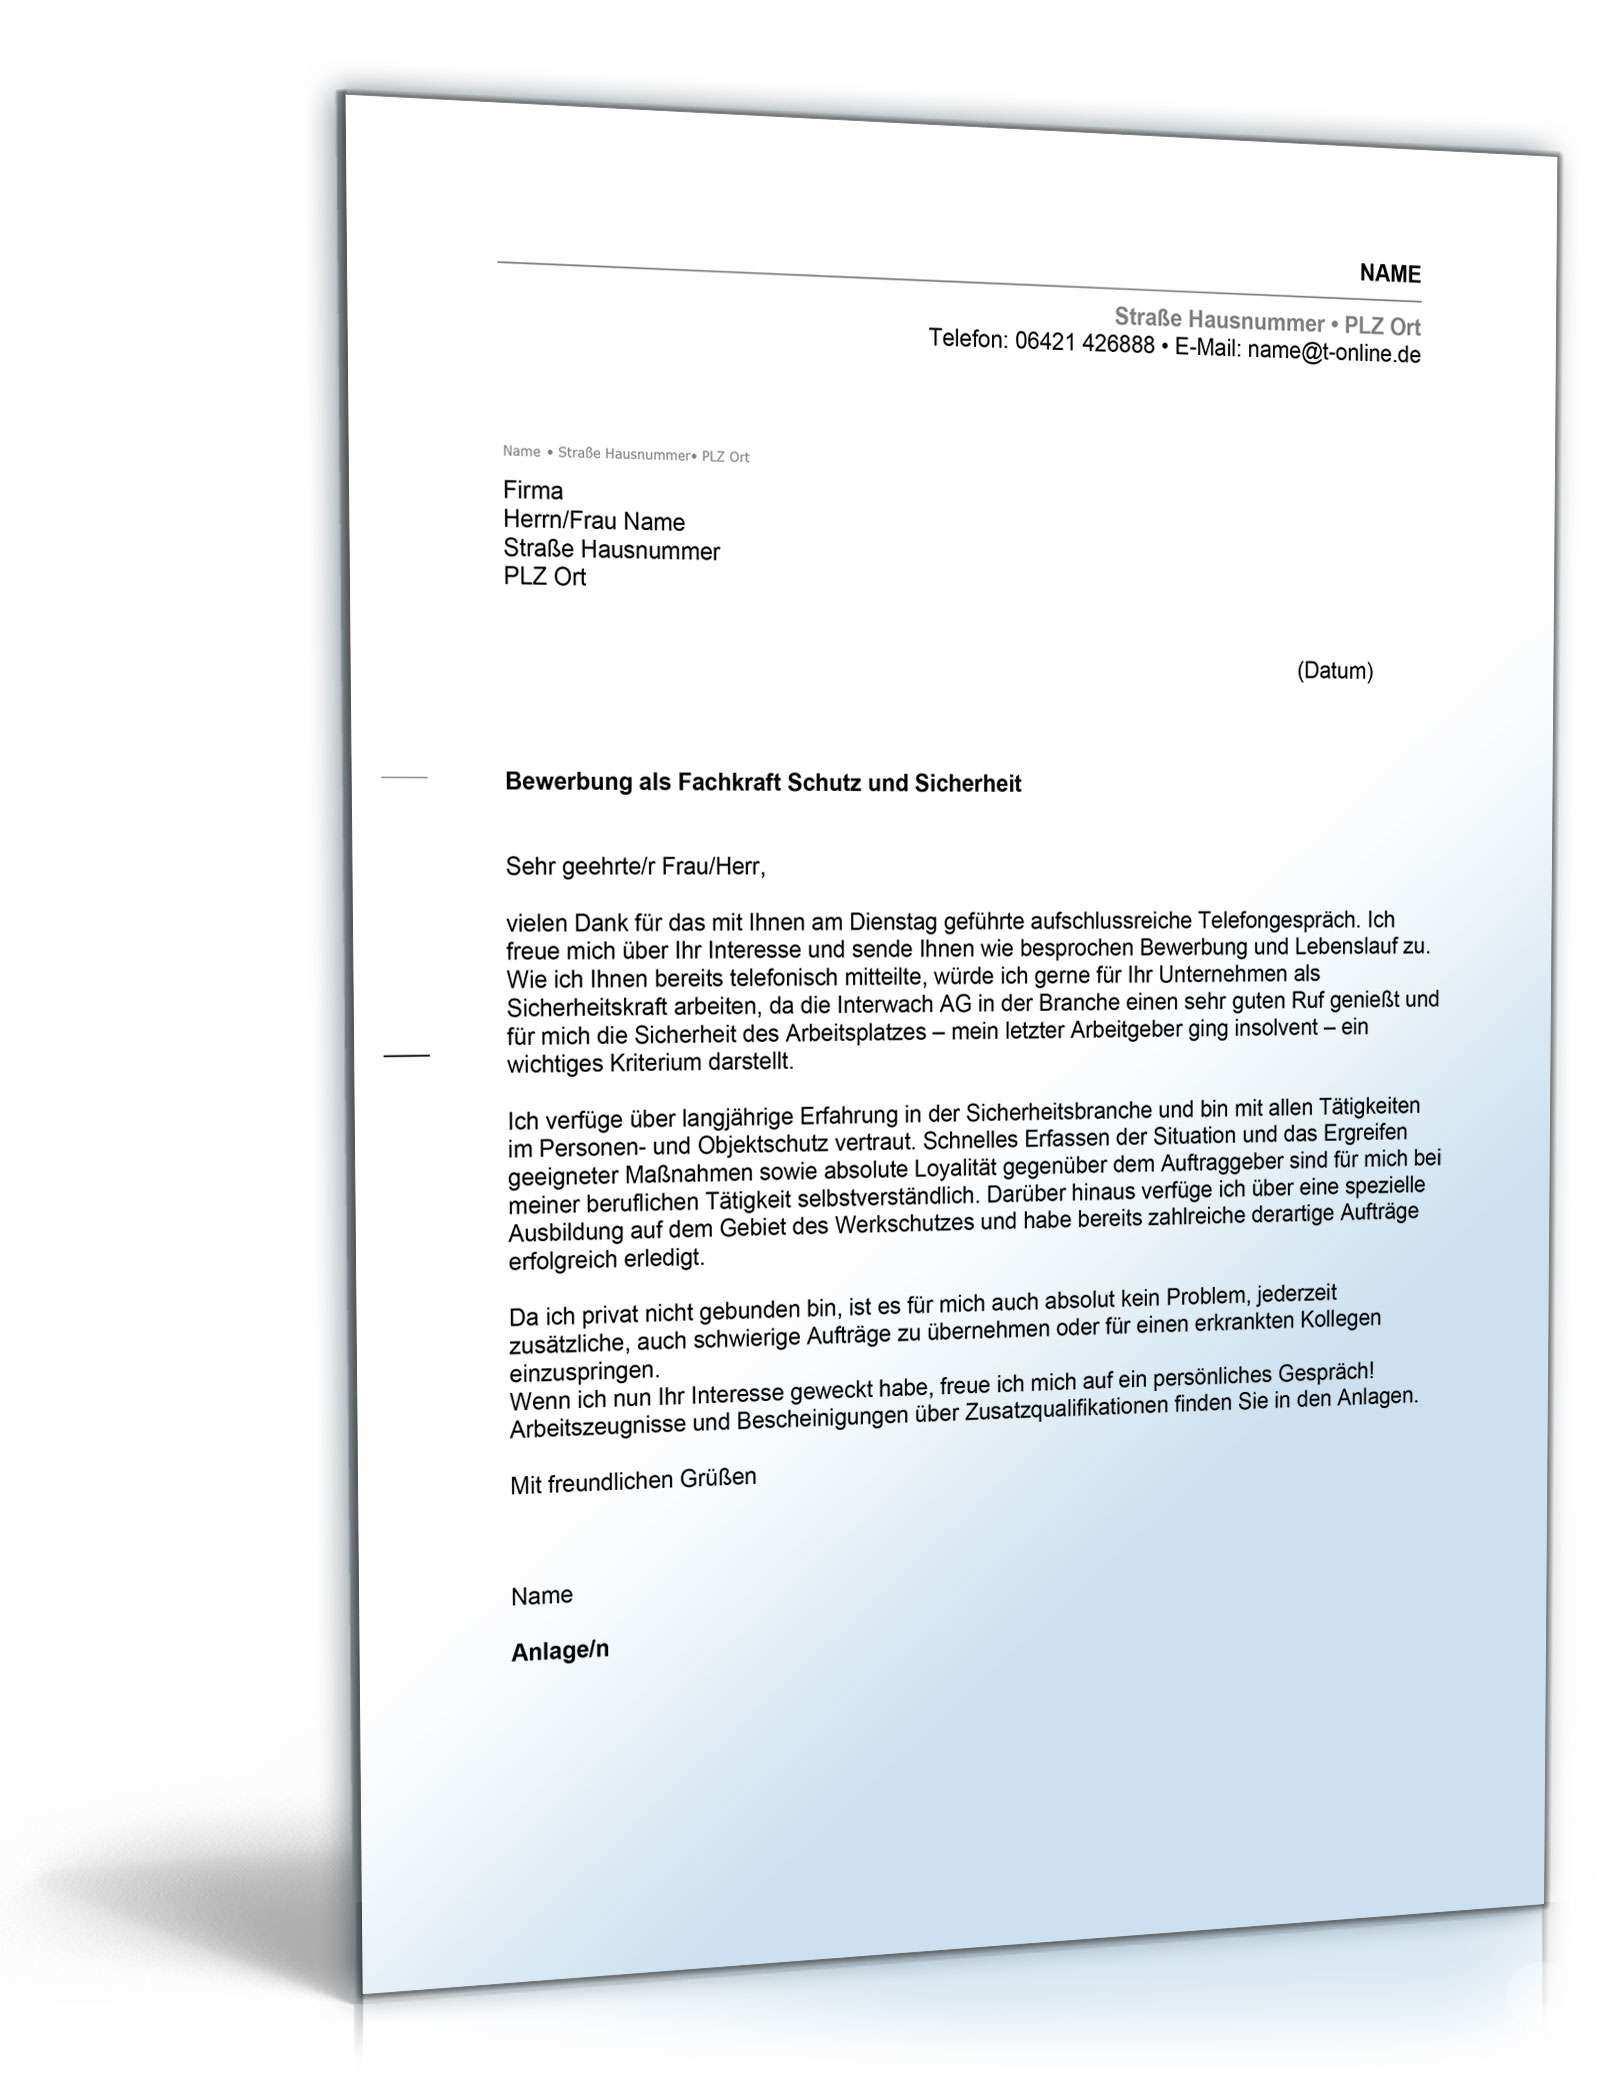 Anschreiben Bewerbung Sicherheitsdienst Muster Zum Download